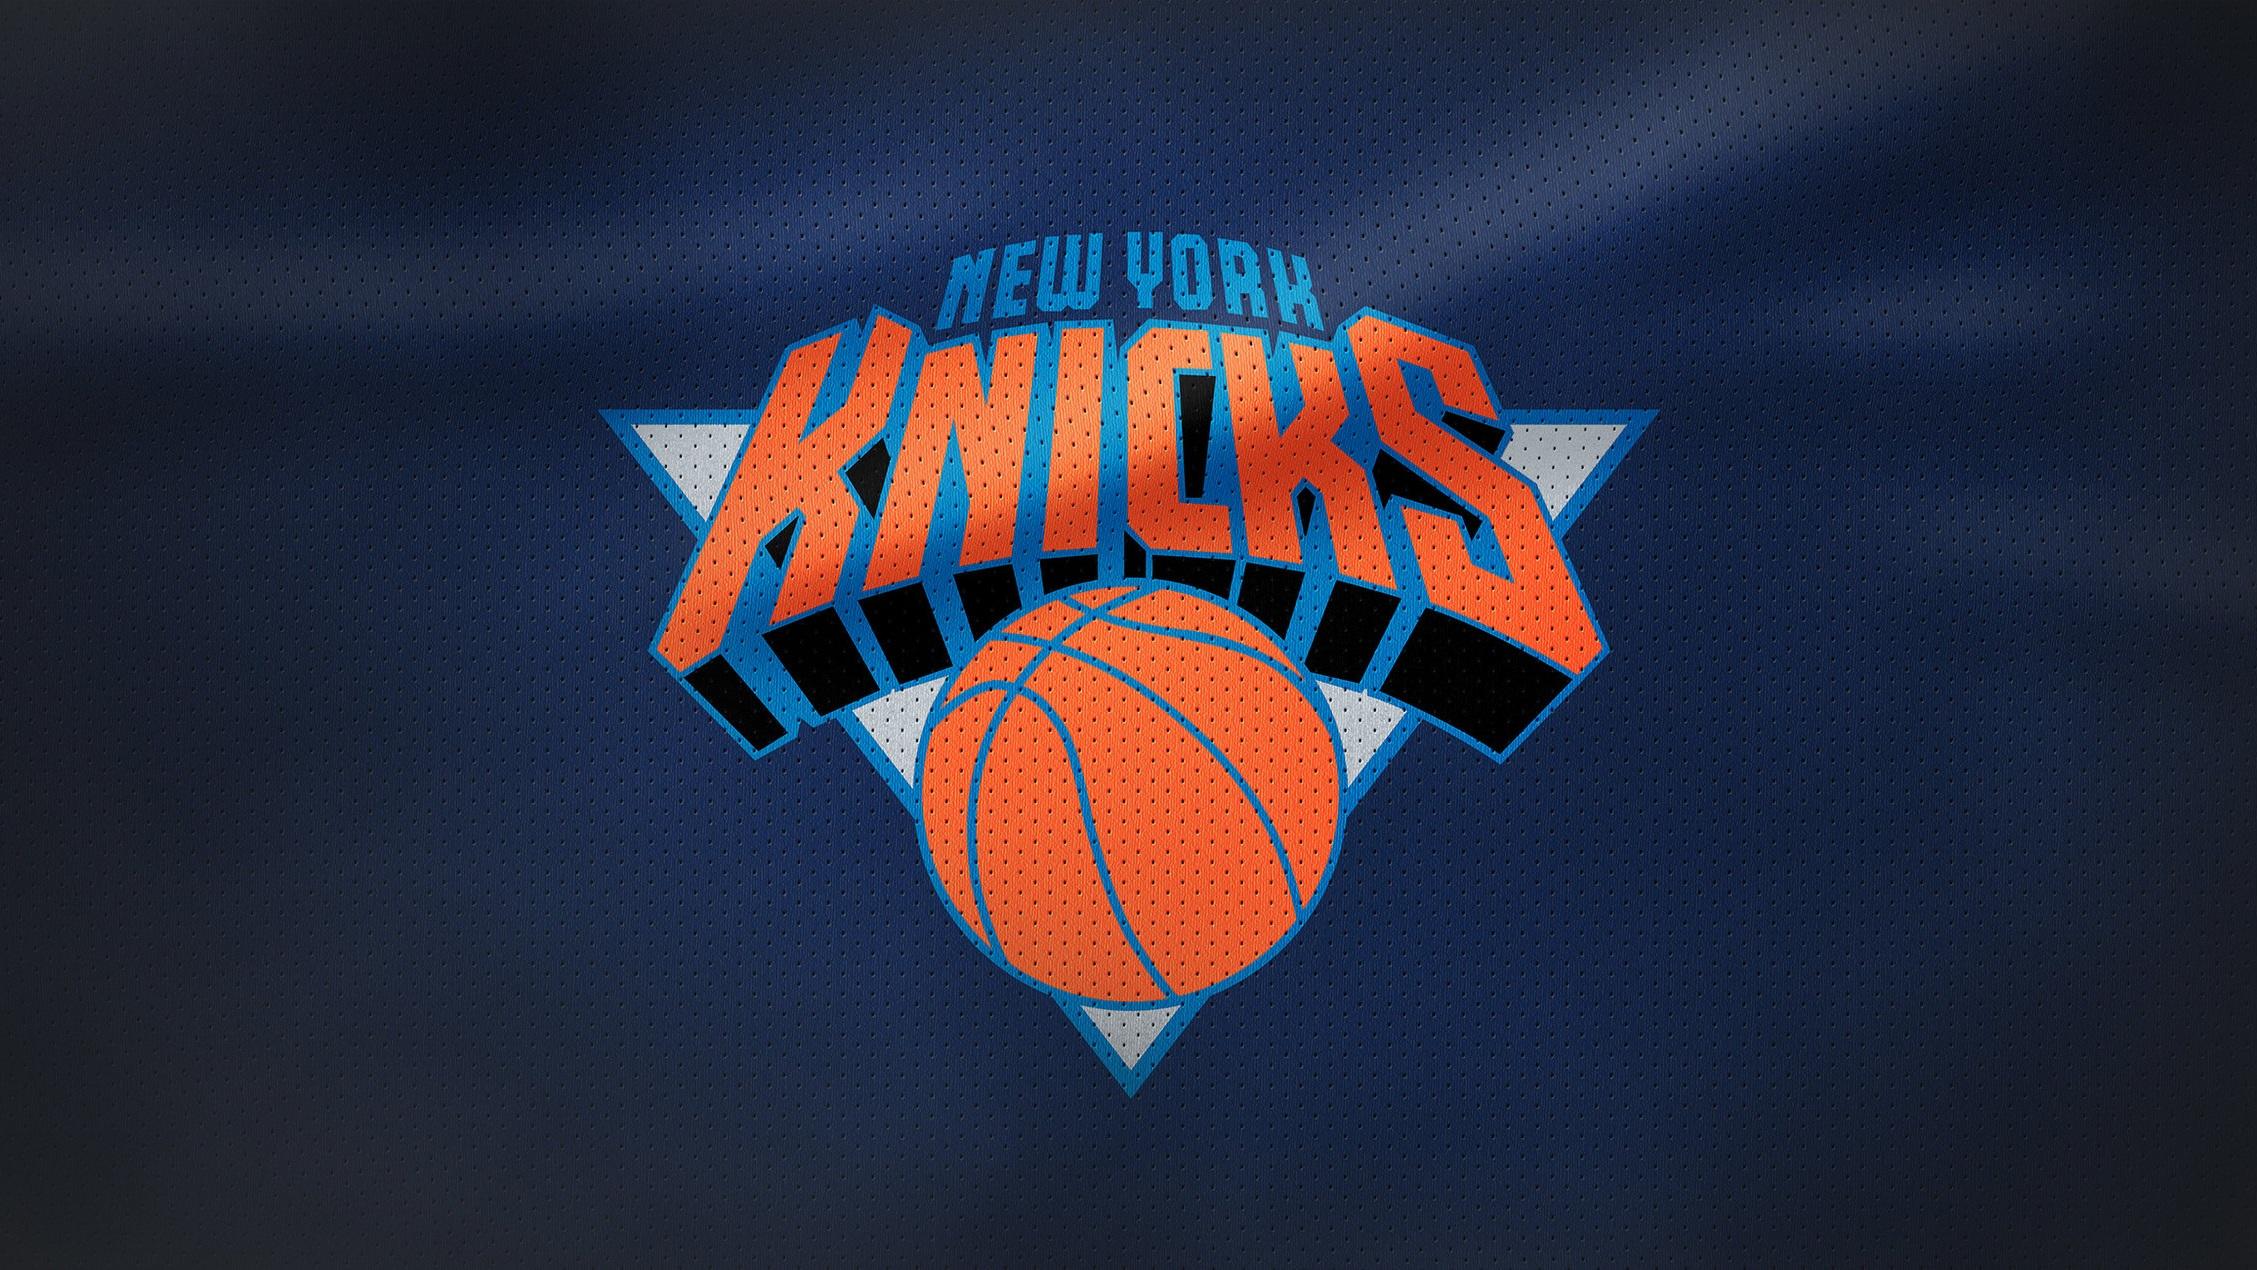 Rivalmöten - Den största rivalen är såklart lokalkonkurrenten New York Knicks, som med sin hemmabas på Manhattan och Madison Square Garden även är den närmsta rivalen. Andra heta matcher är de mot Toronto Raptors, Chicago Bulls, Boston Celtics och Miami Heat.